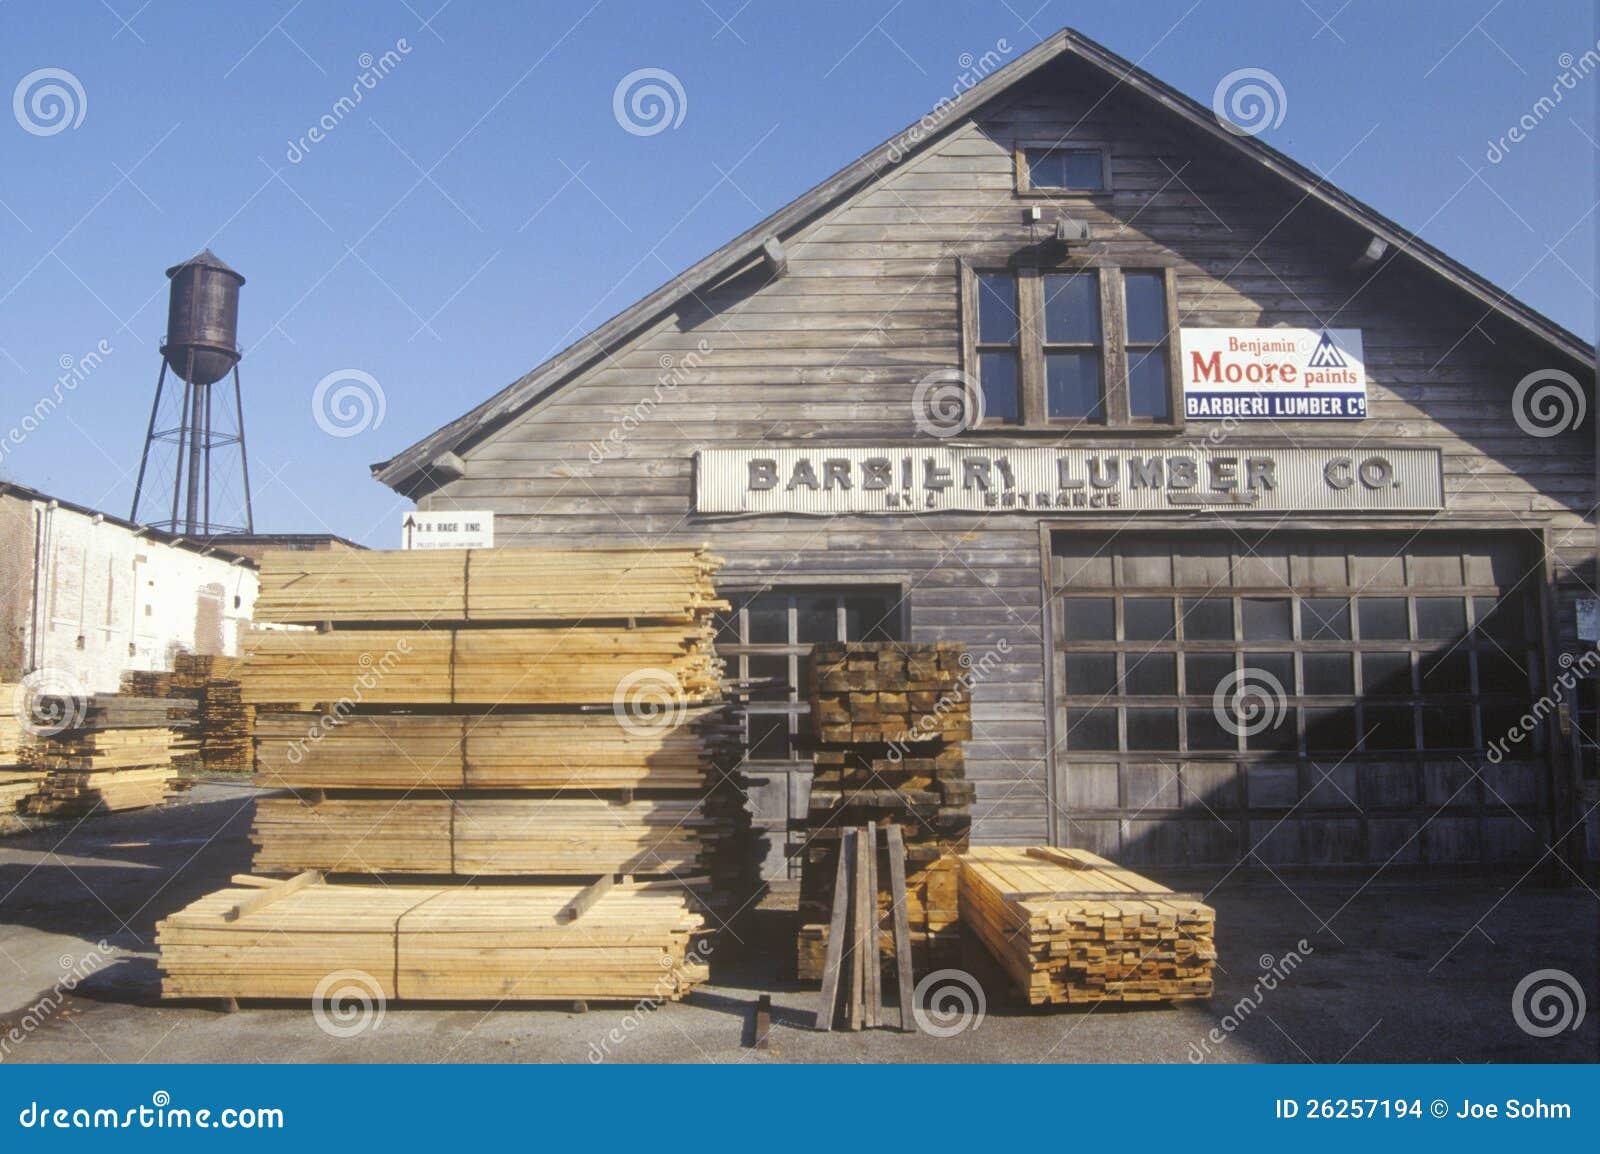 Lumber yard massachusetts